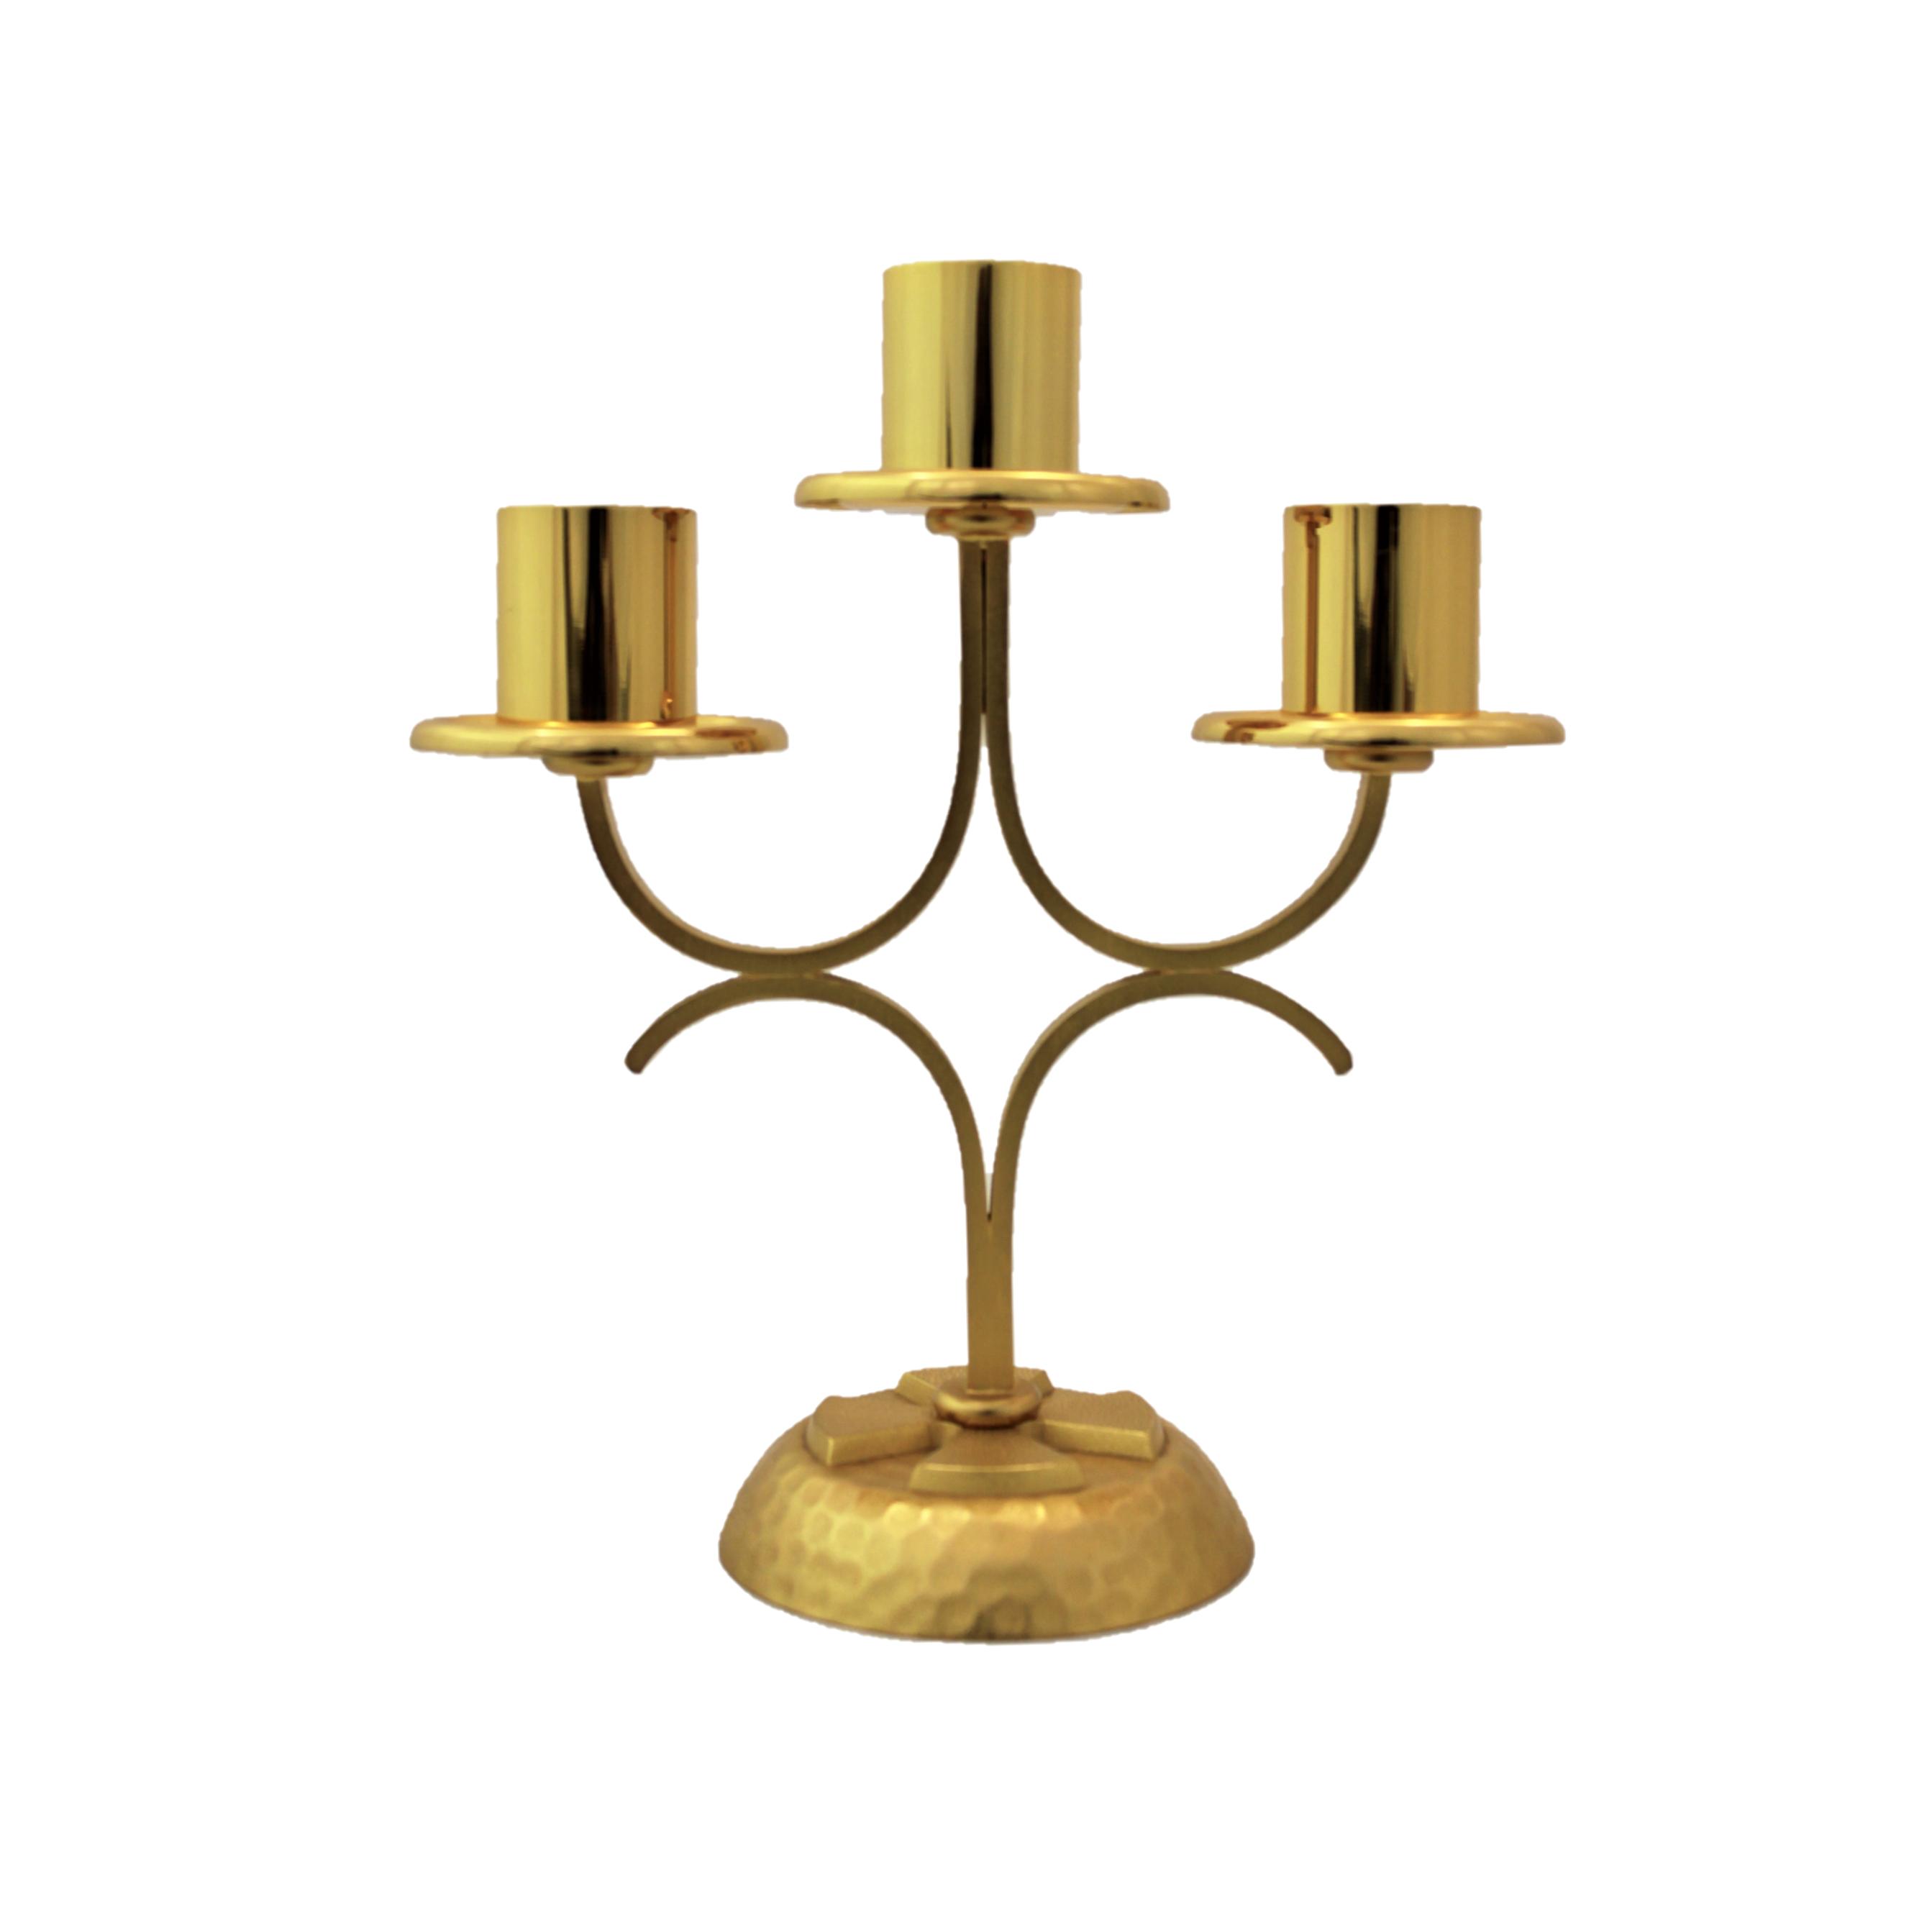 Candeliere a tre braccia dorato